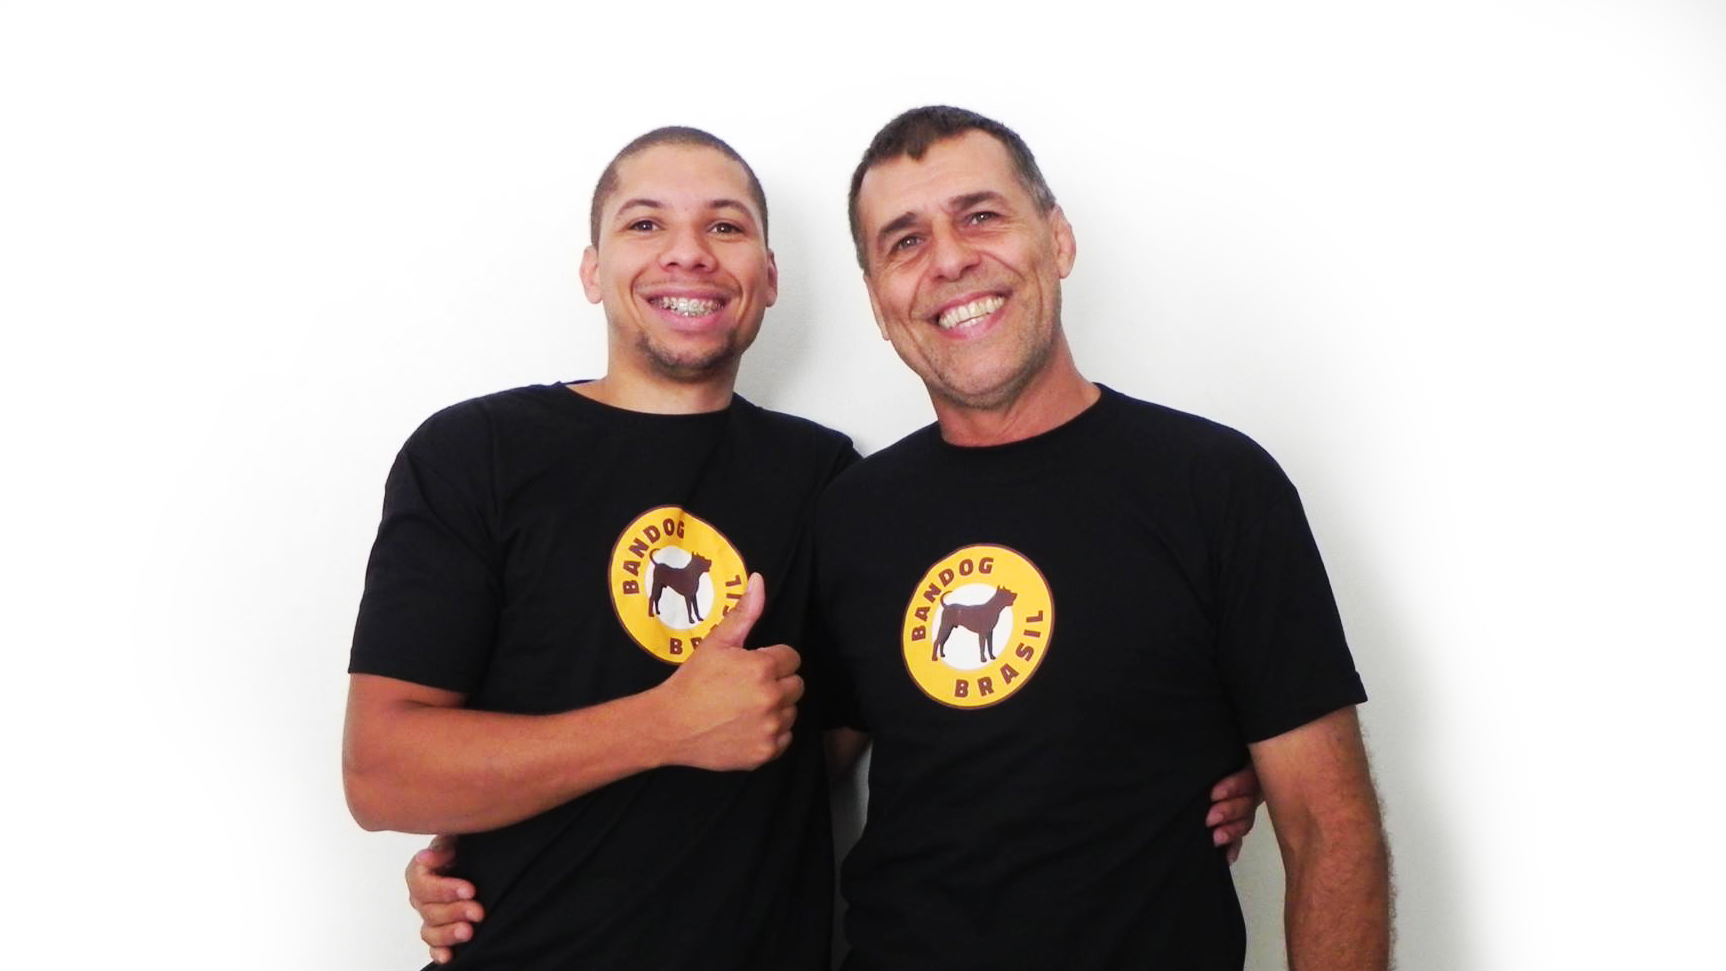 Cleyson Velasques e Jairo Teixeira